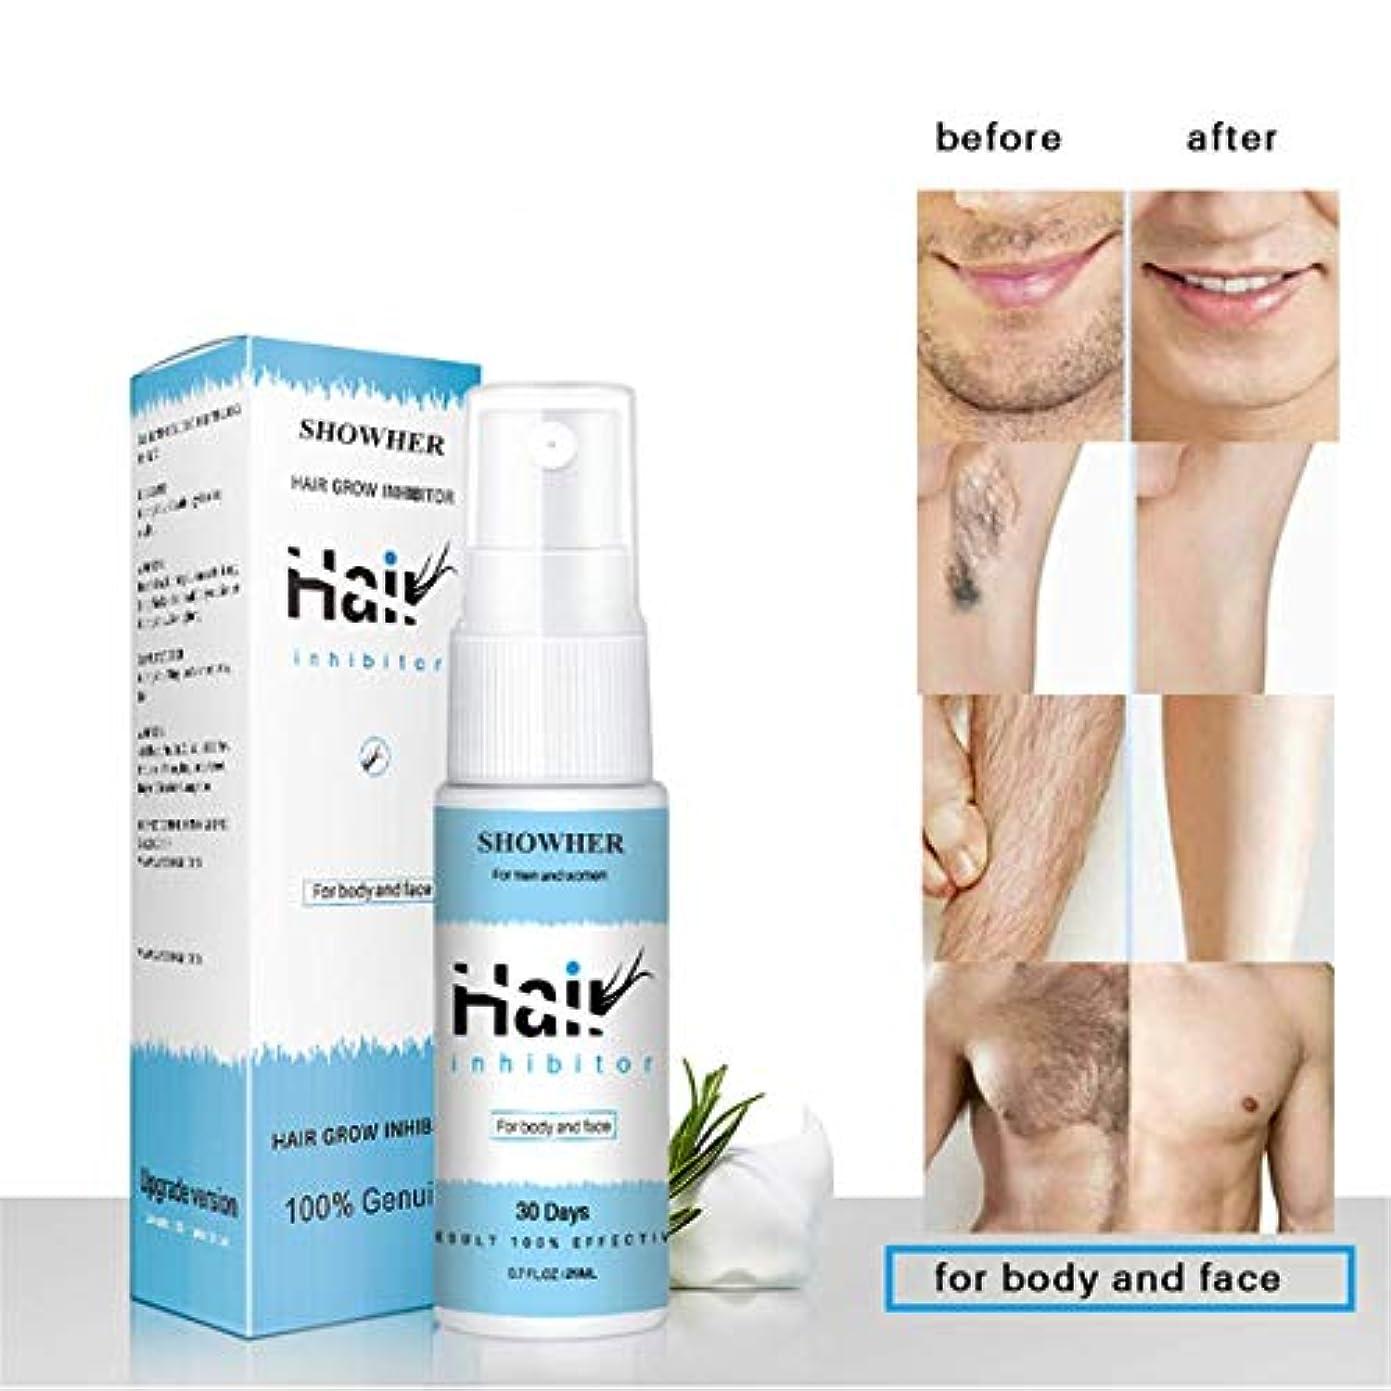 解体するホースヒューバートハドソン発毛除去剤血清オイルスプレーひげビキニ親密な顔脚体脇の下痛みのない脱毛剤